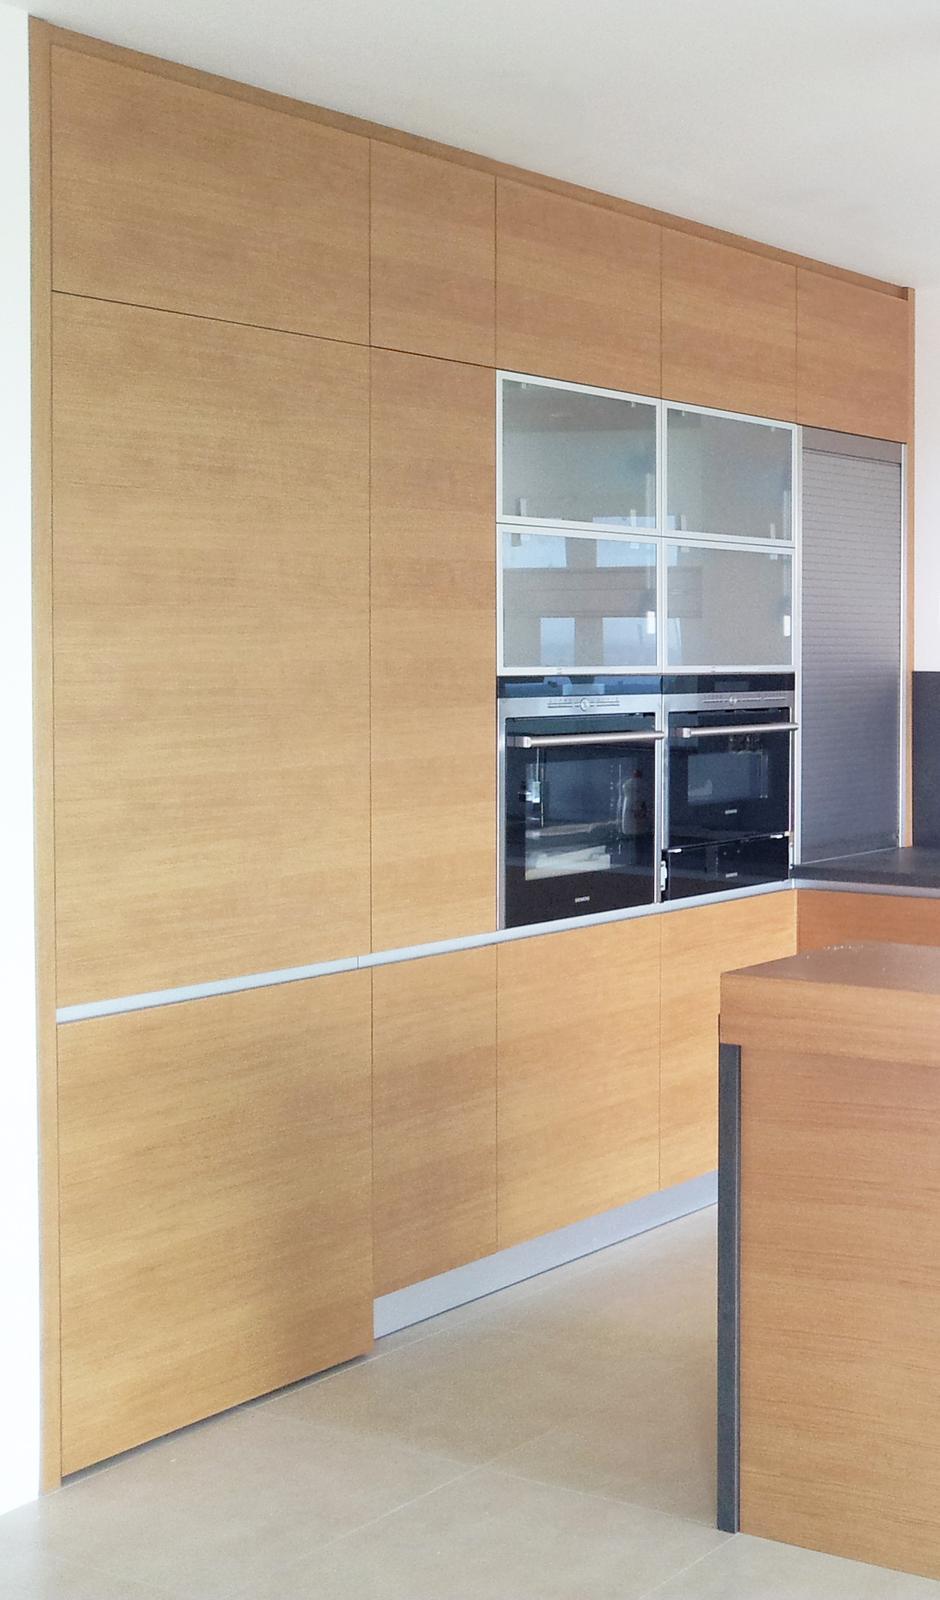 Dizajn a výroba nábytku na mieru Cubica - Dubová kuchyňa - vysoké skrinky so vstavanými spotrebičmi a dverami do komory - dizajn a výroba cubica